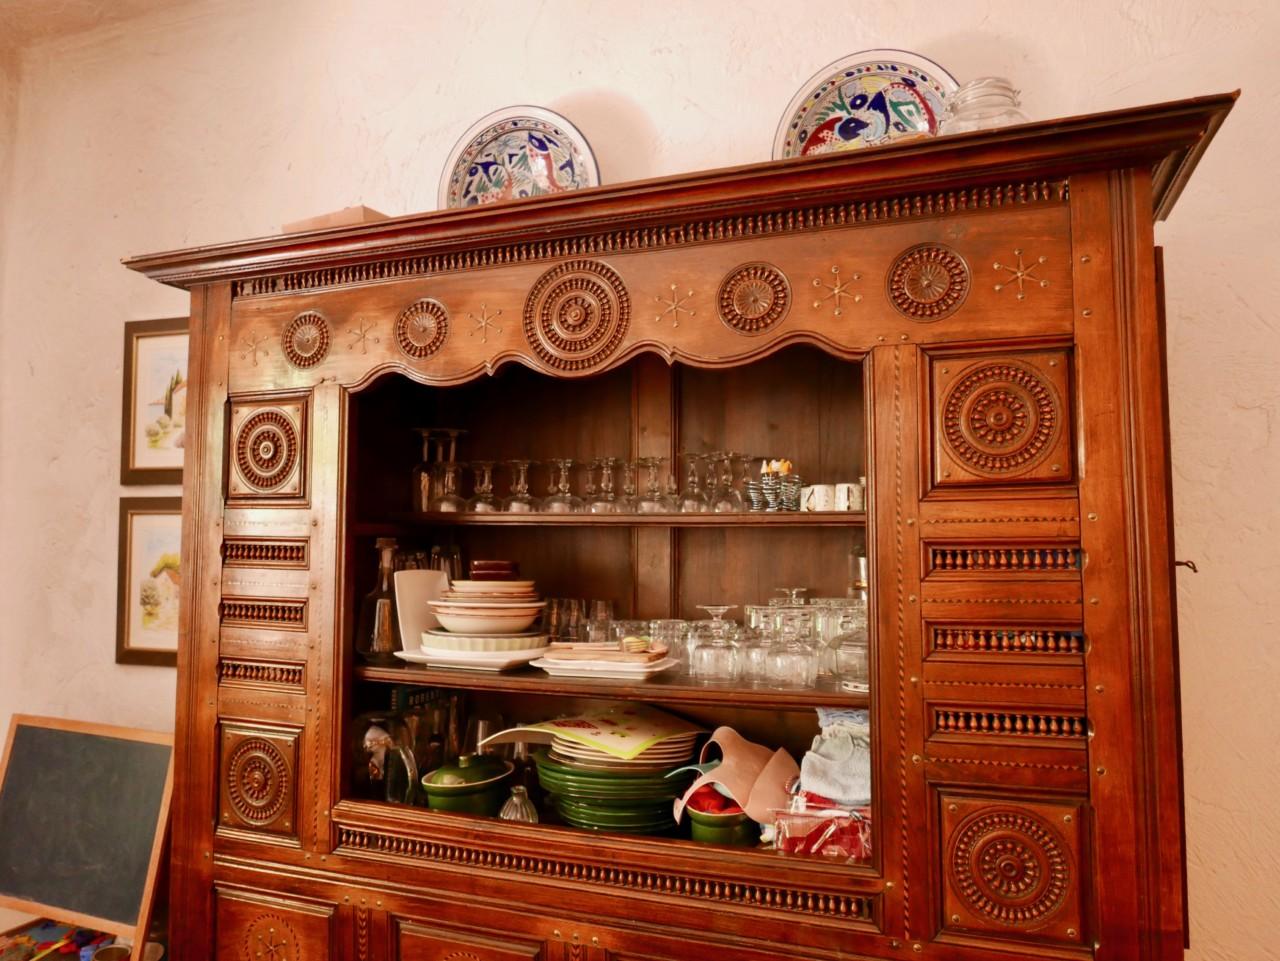 kjokken-kitchen-cupboard-st-jeannet